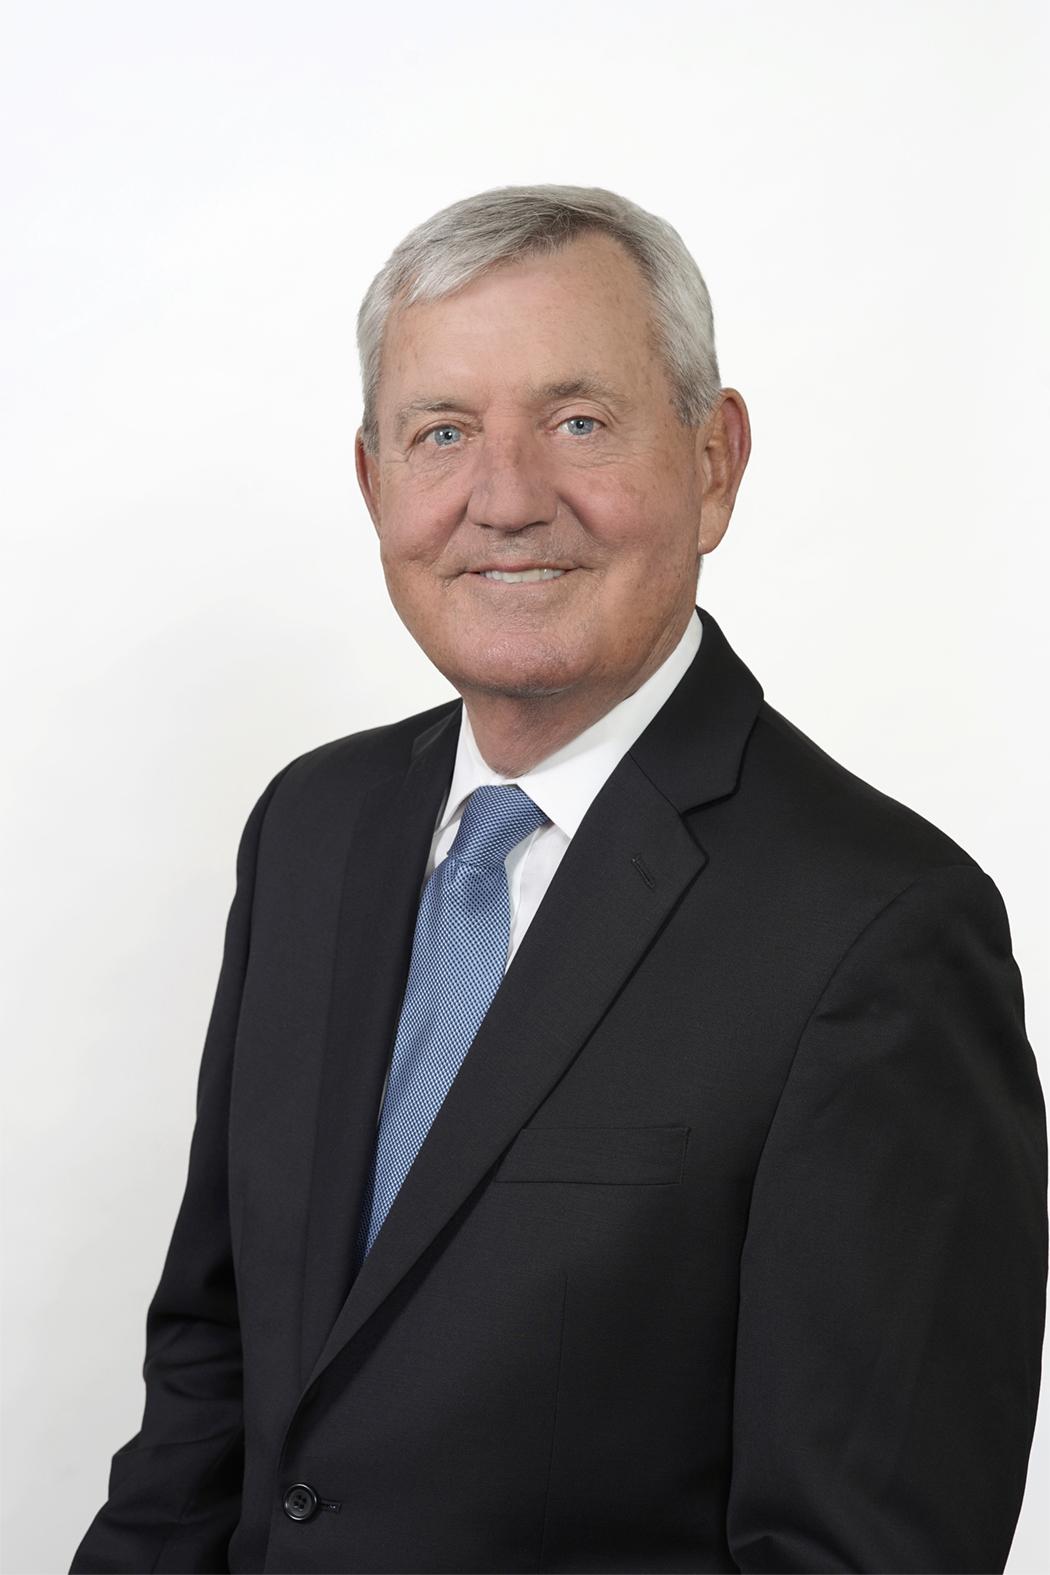 Thomas Henken